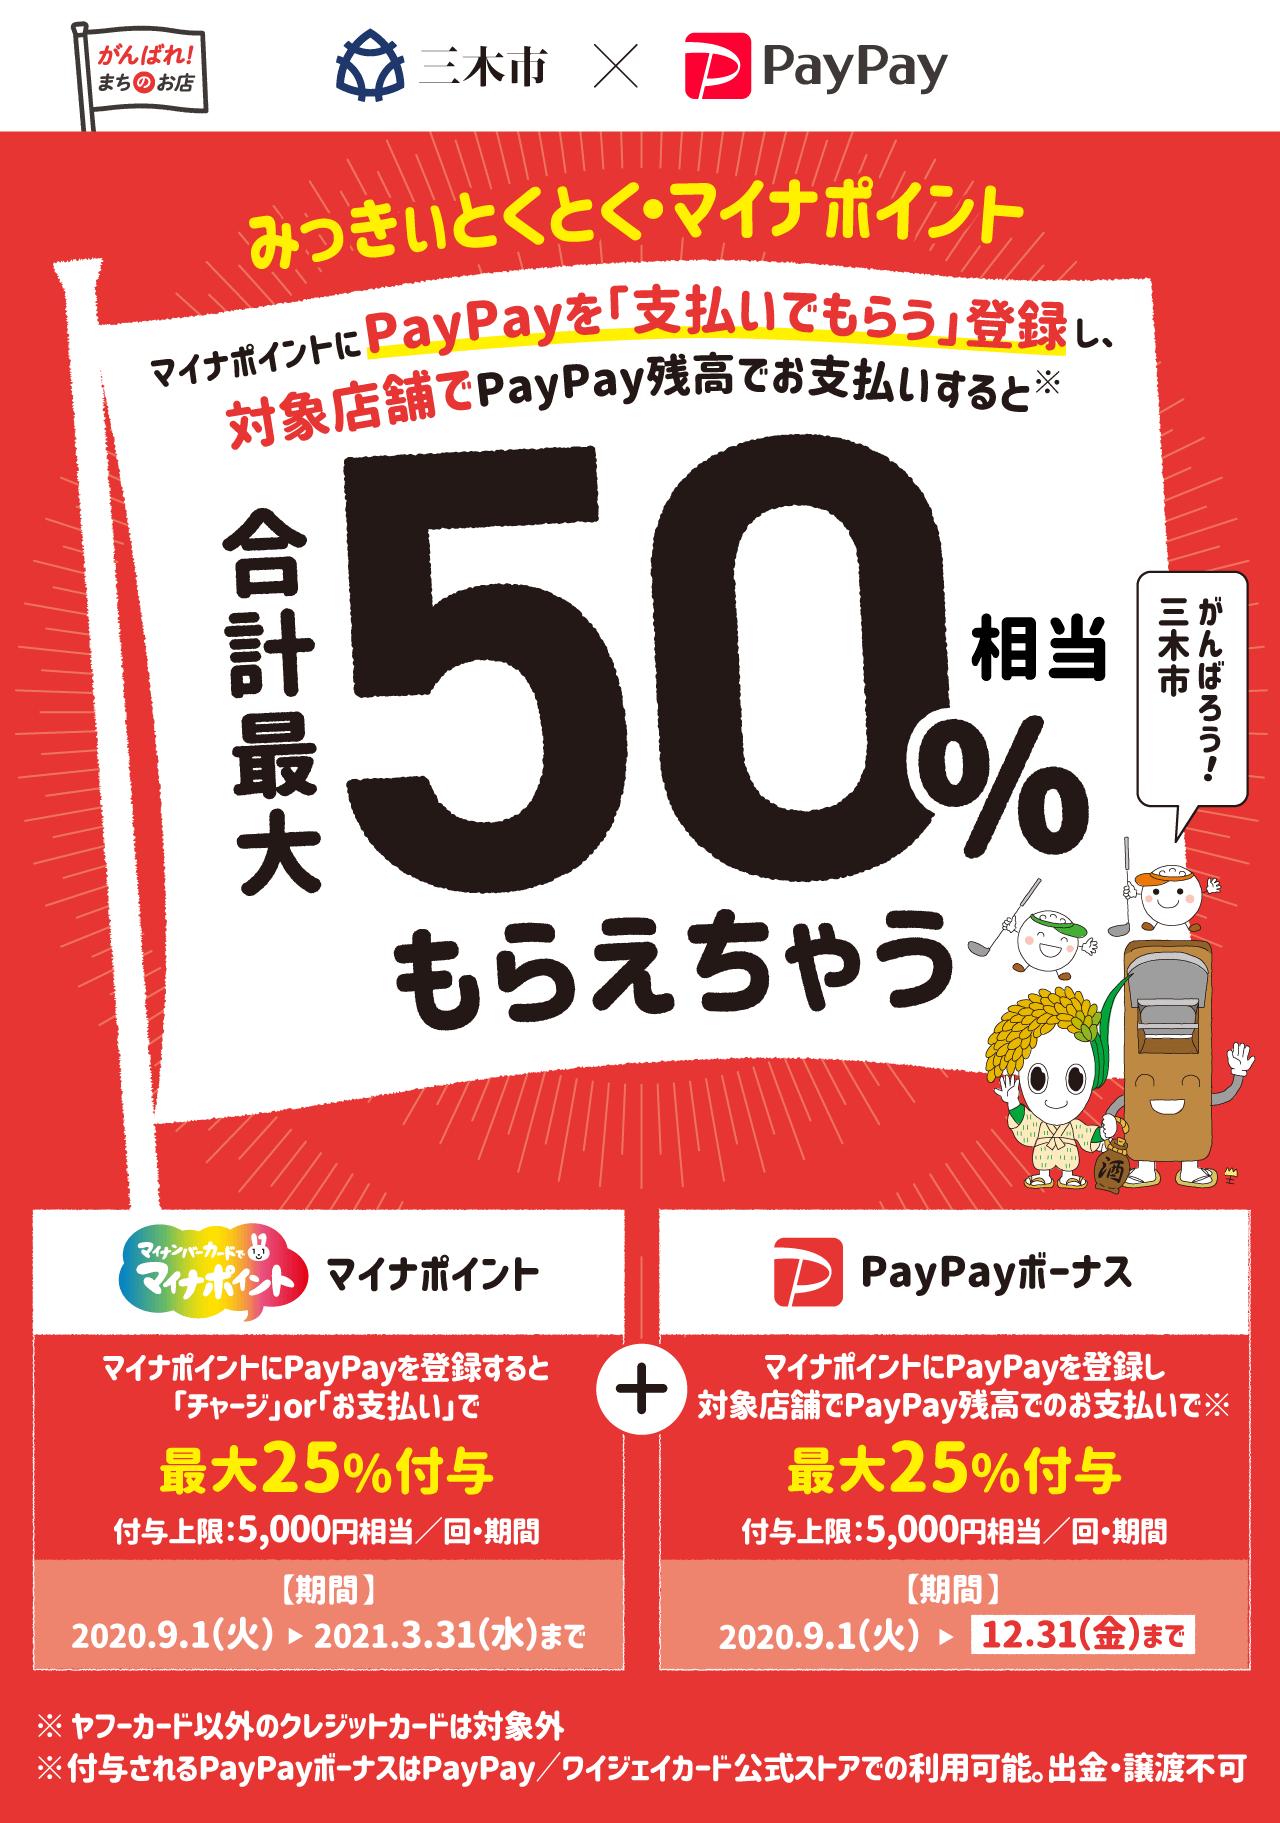 みっきぃとくとく・マイナポイント マイナポイントにPayPayを「支払いでもらう」登録し、対象店舗でPayPay残高でお支払いすると 合計最大50%相当もらえちゃう